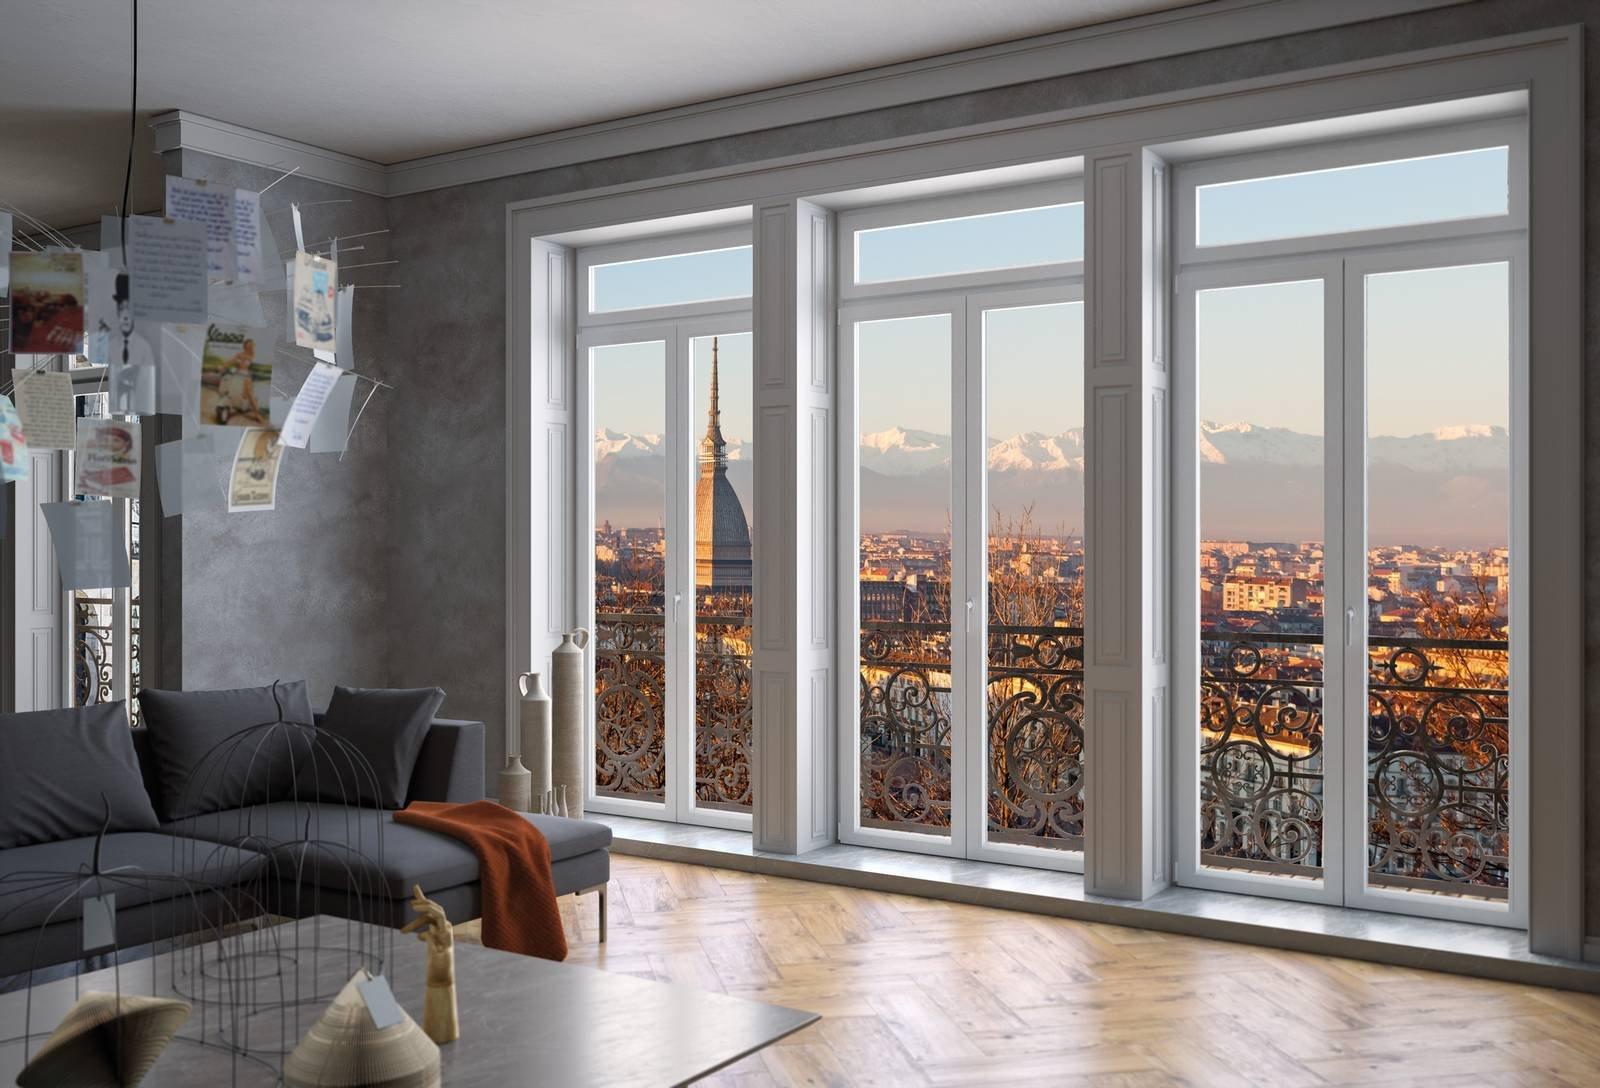 Comprare le finestre con i bonus fiscali cose di casa - Sostituzione finestre detrazione ...